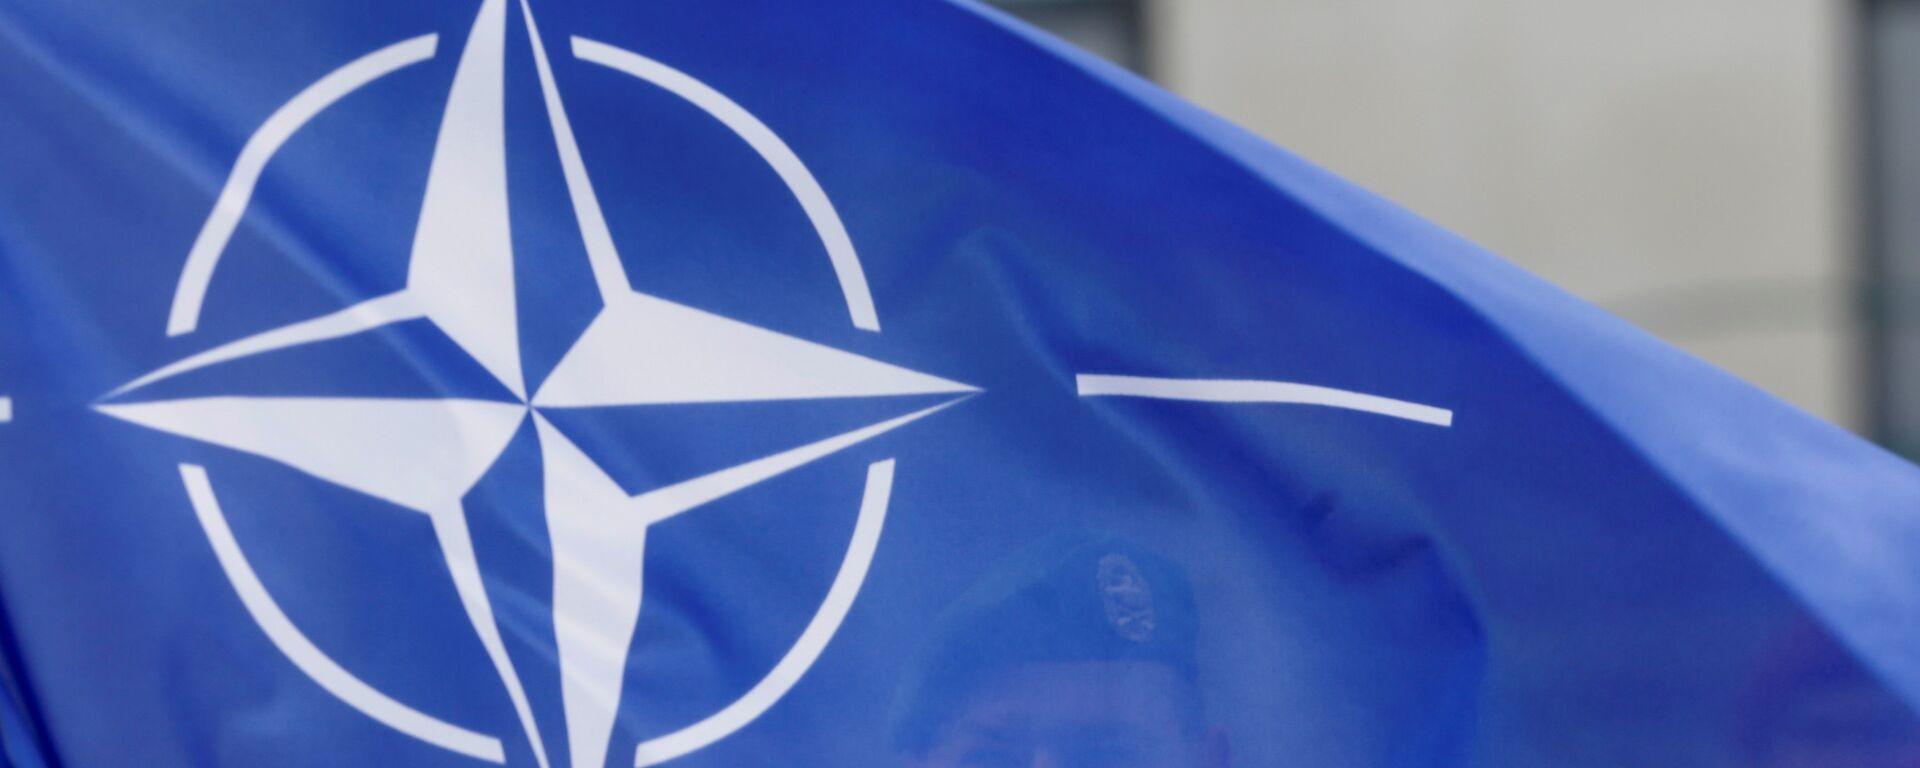 NATO - Sputnik Italia, 1920, 01.06.2021